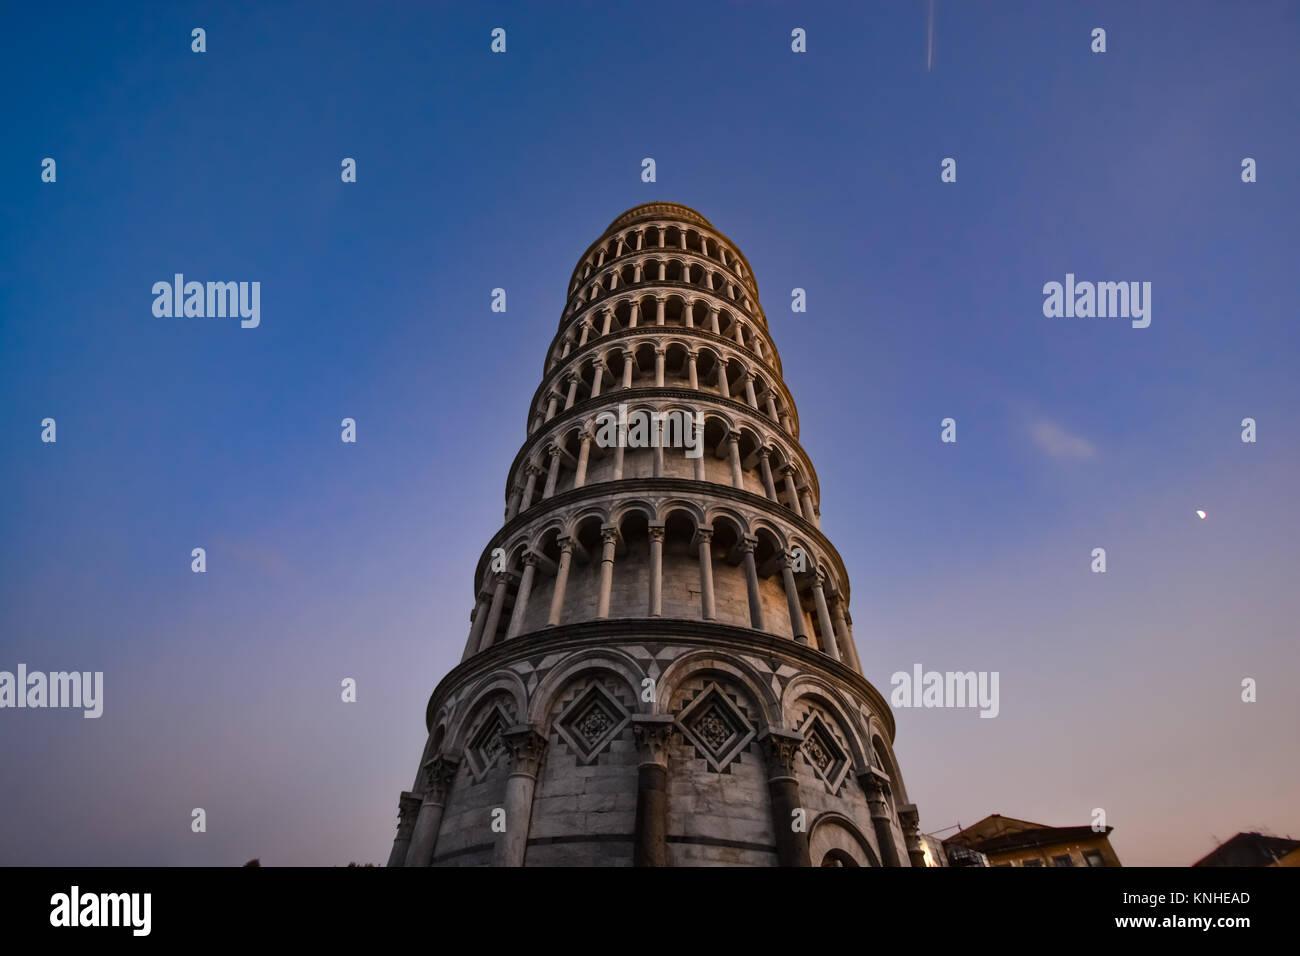 La torre inclinada de Pisa, Italia, en la piazza del Duomo, en la región de Toscana como cae la noche Foto de stock